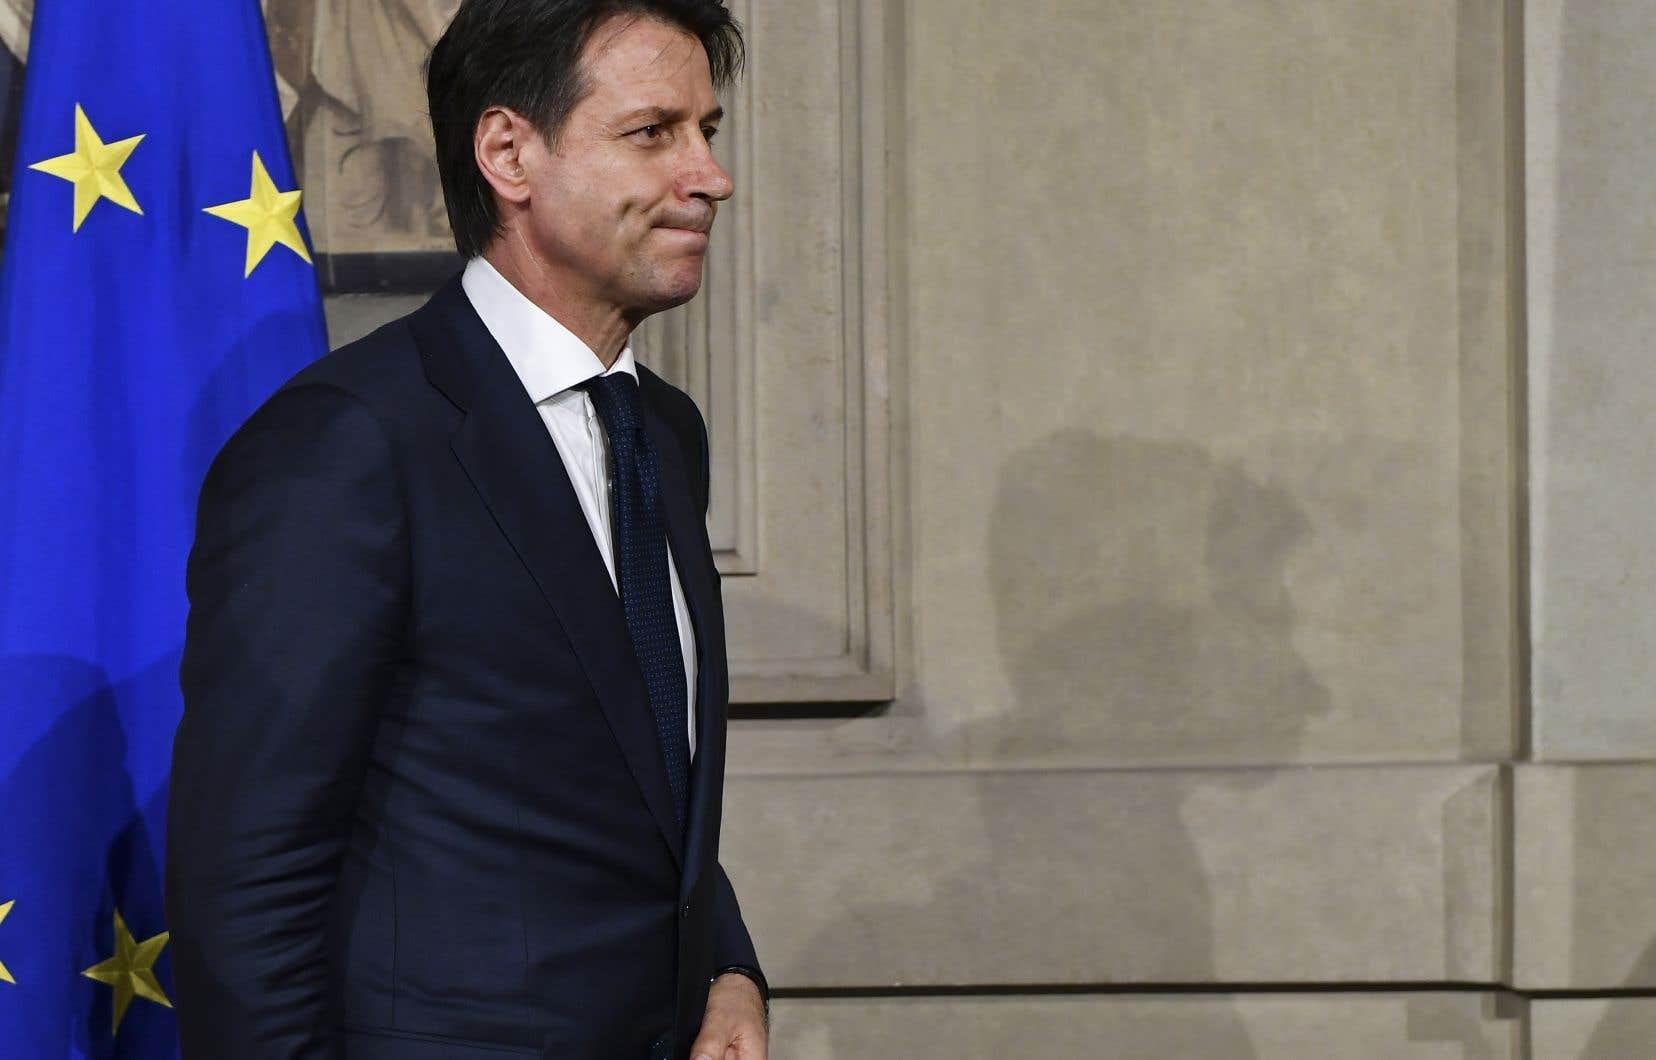 M.Conte avait été désigné mercredi mais il devait encore confirmer cette nomination et présenter une liste de ministres que le chef de l'État accepte pour que celle-ci soit effective.